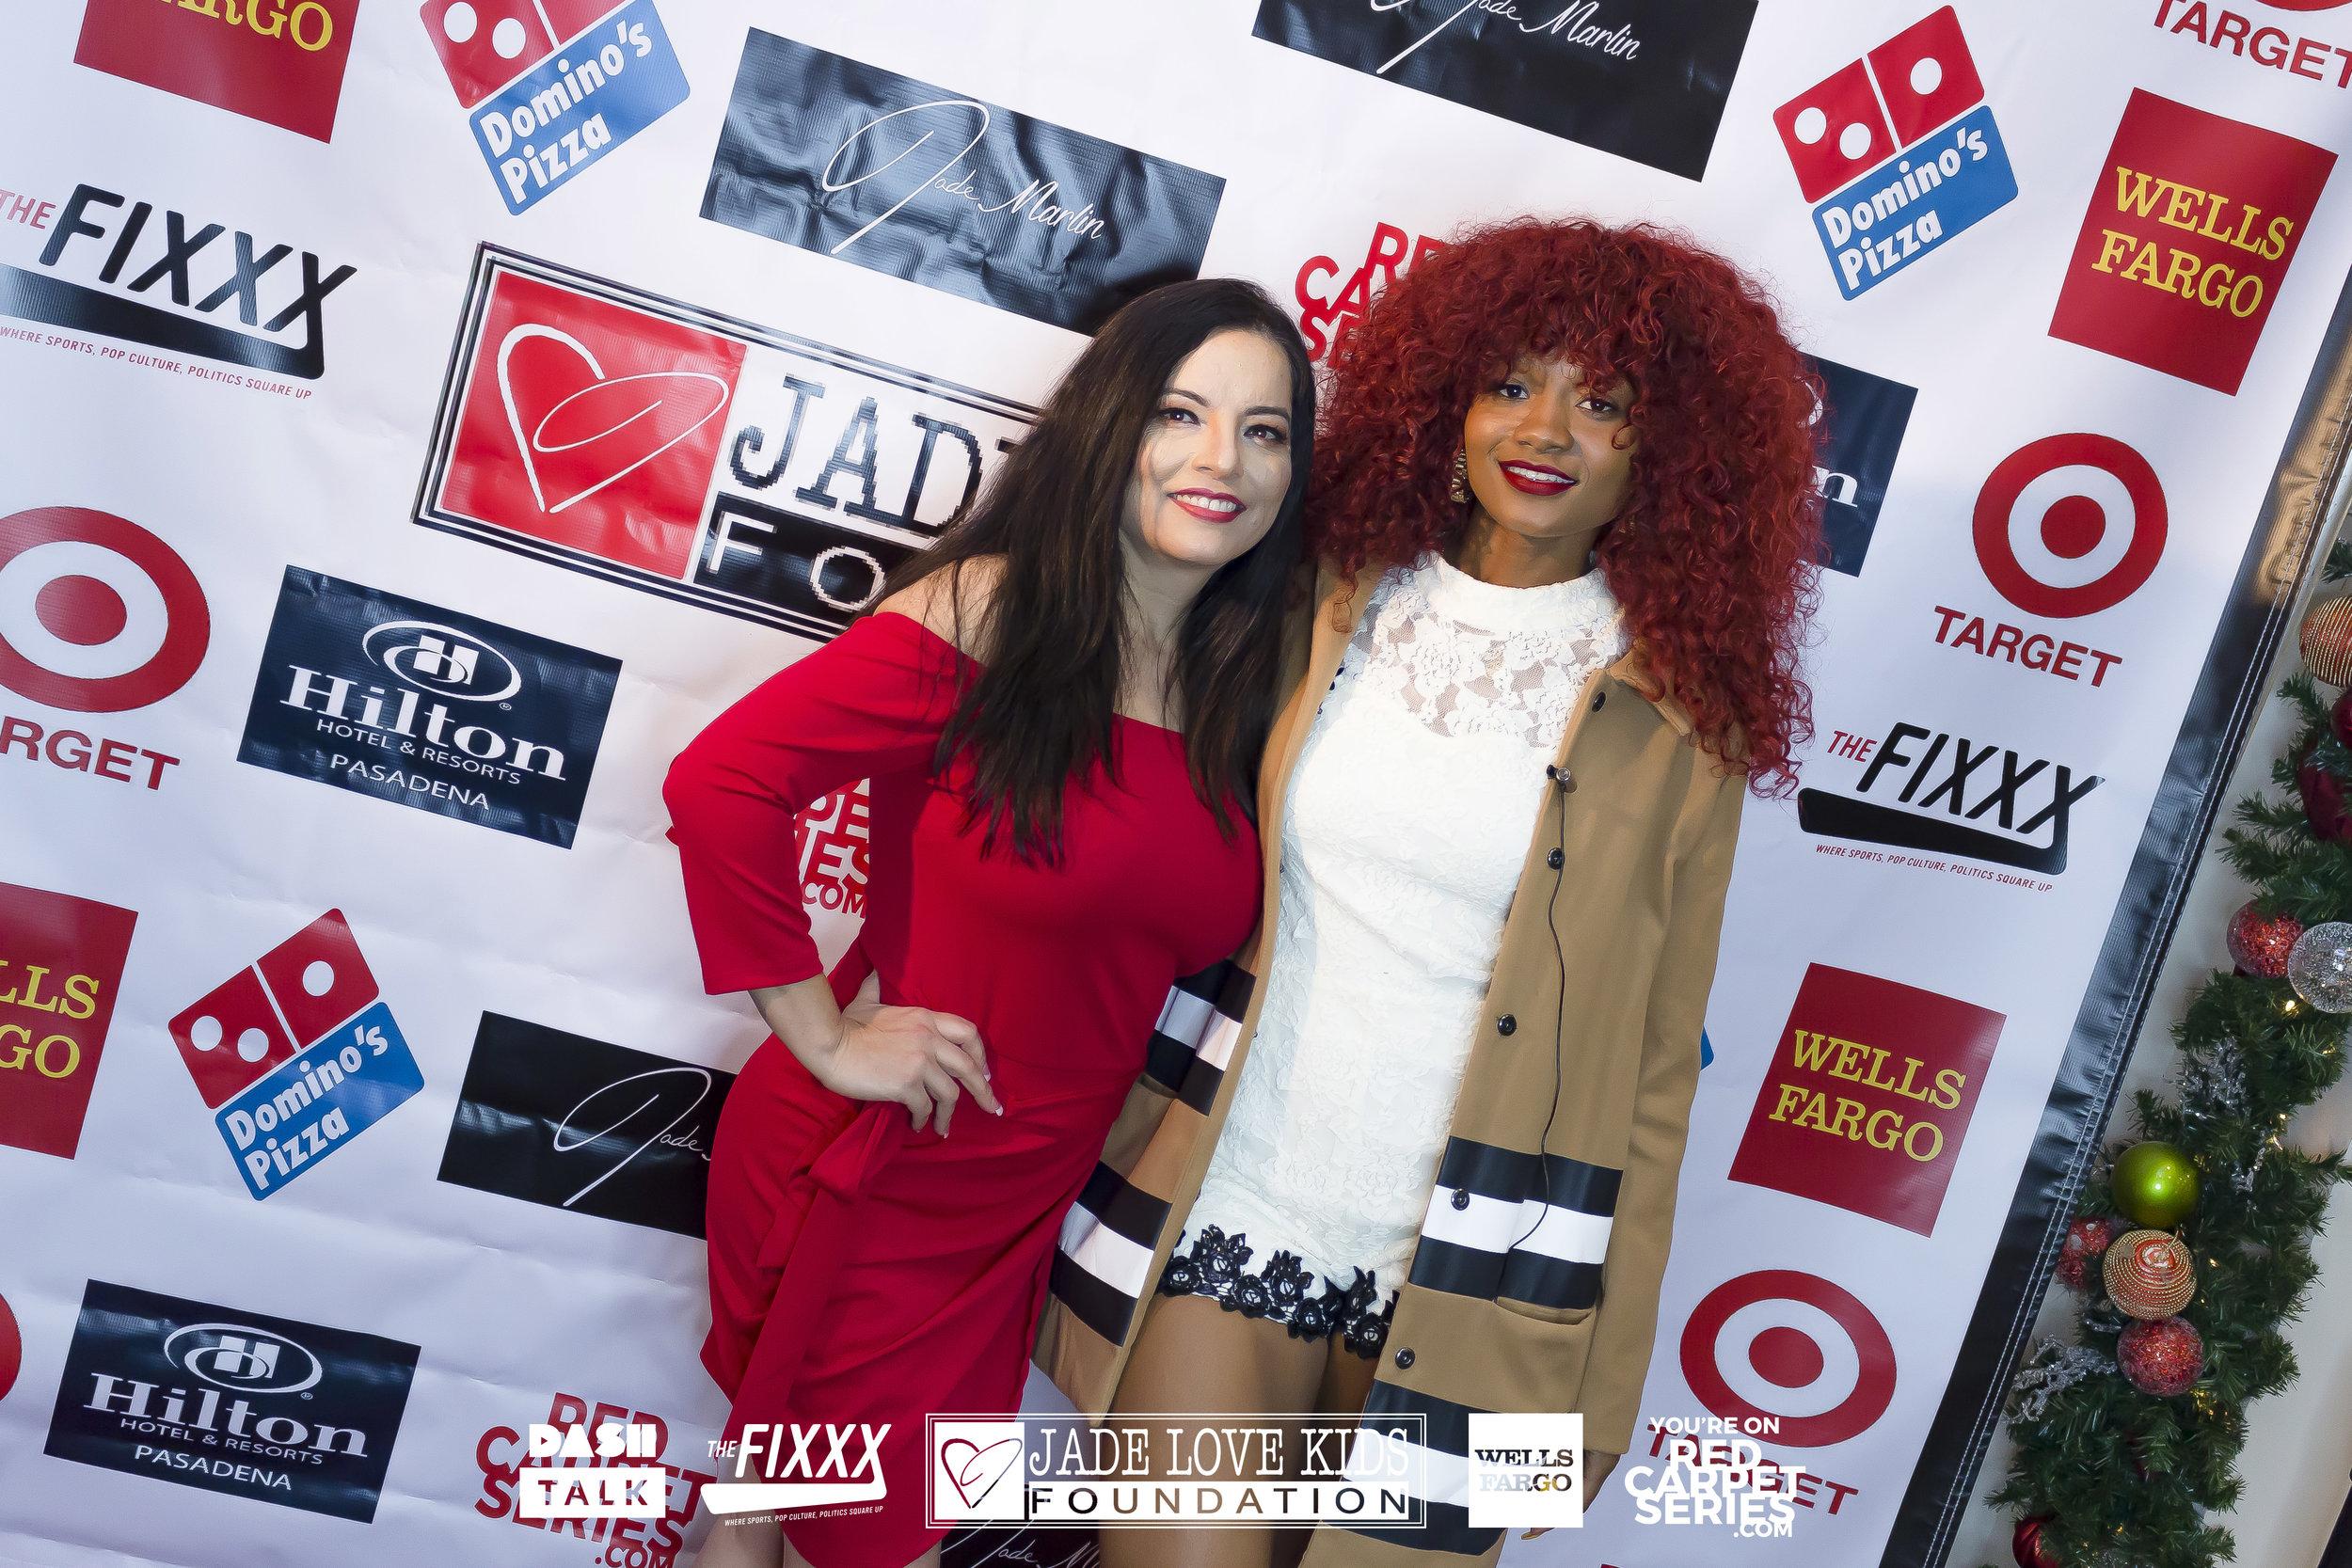 Jade Love Kids Foundation - 12-01-18 - Round 1_9.jpg